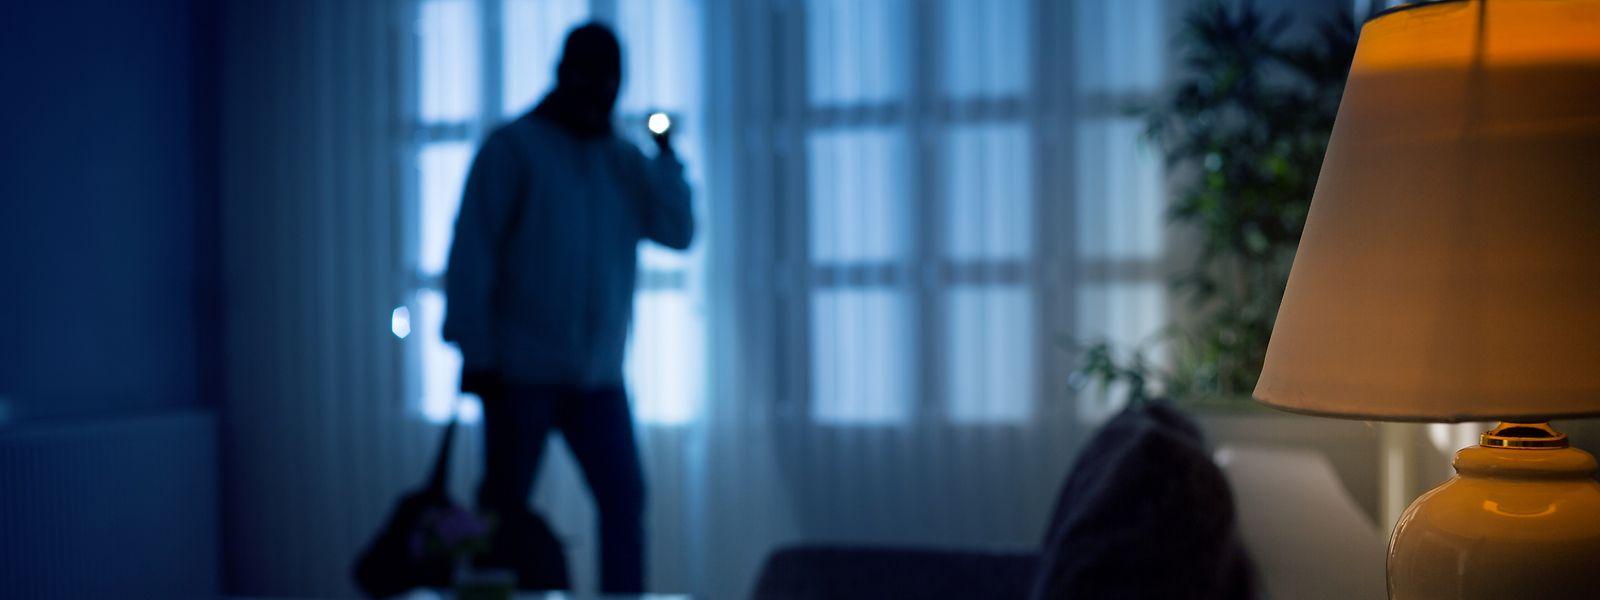 Im vergangenen Jahr wurden in Luxemburg mehr als 3.000 Einbrüche verzeichnet.